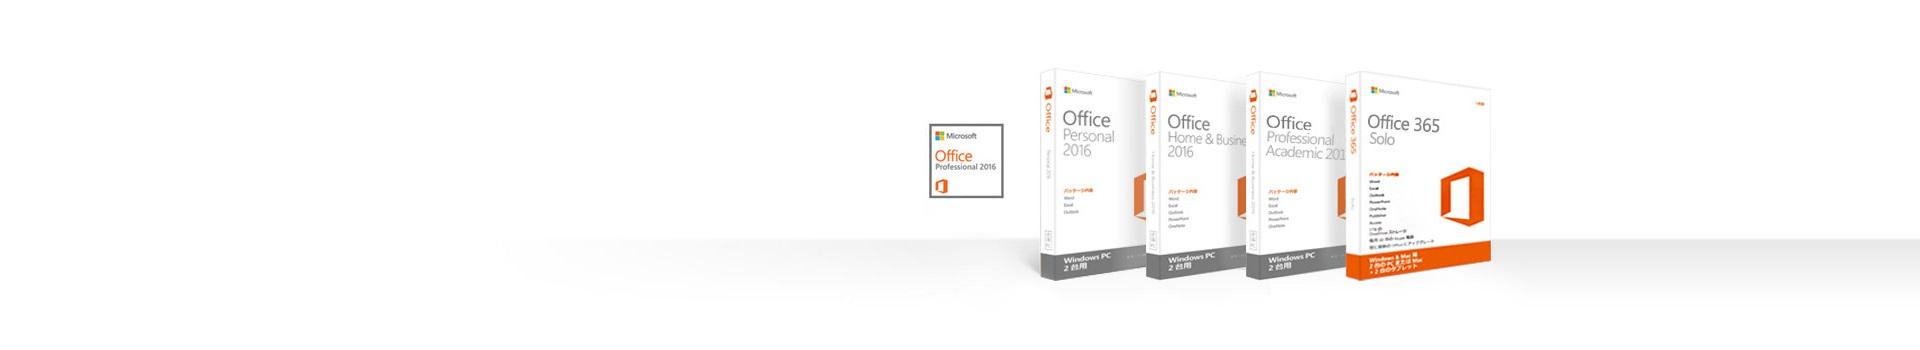 PC 用 Office サブスクリプションと単体製品を表す箱の列